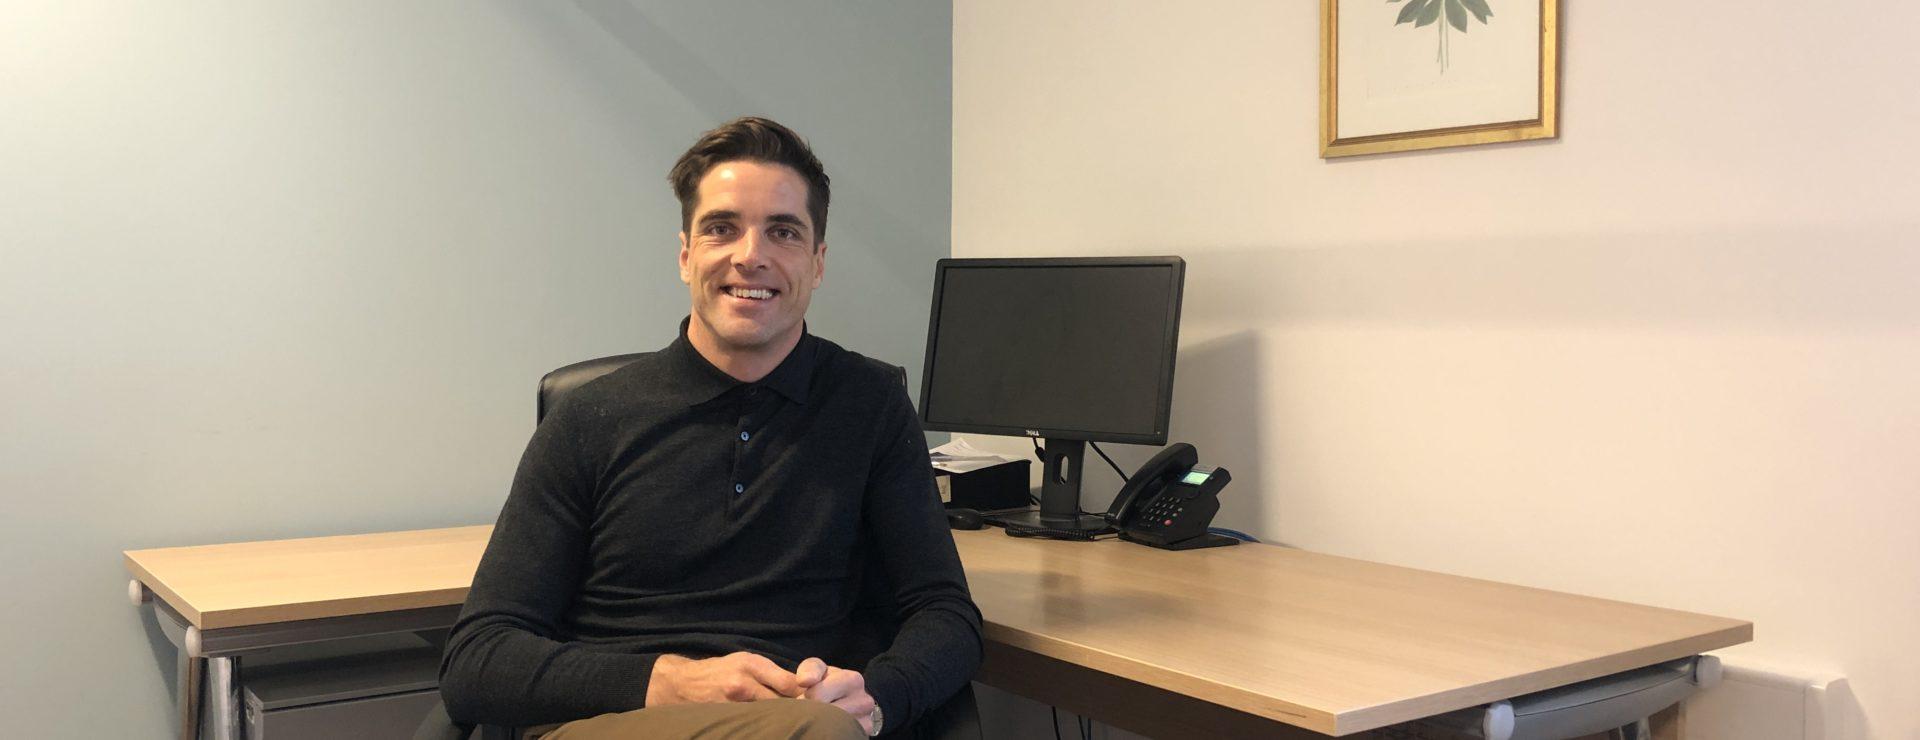 Dr Nathan Faulkner, Psychologist